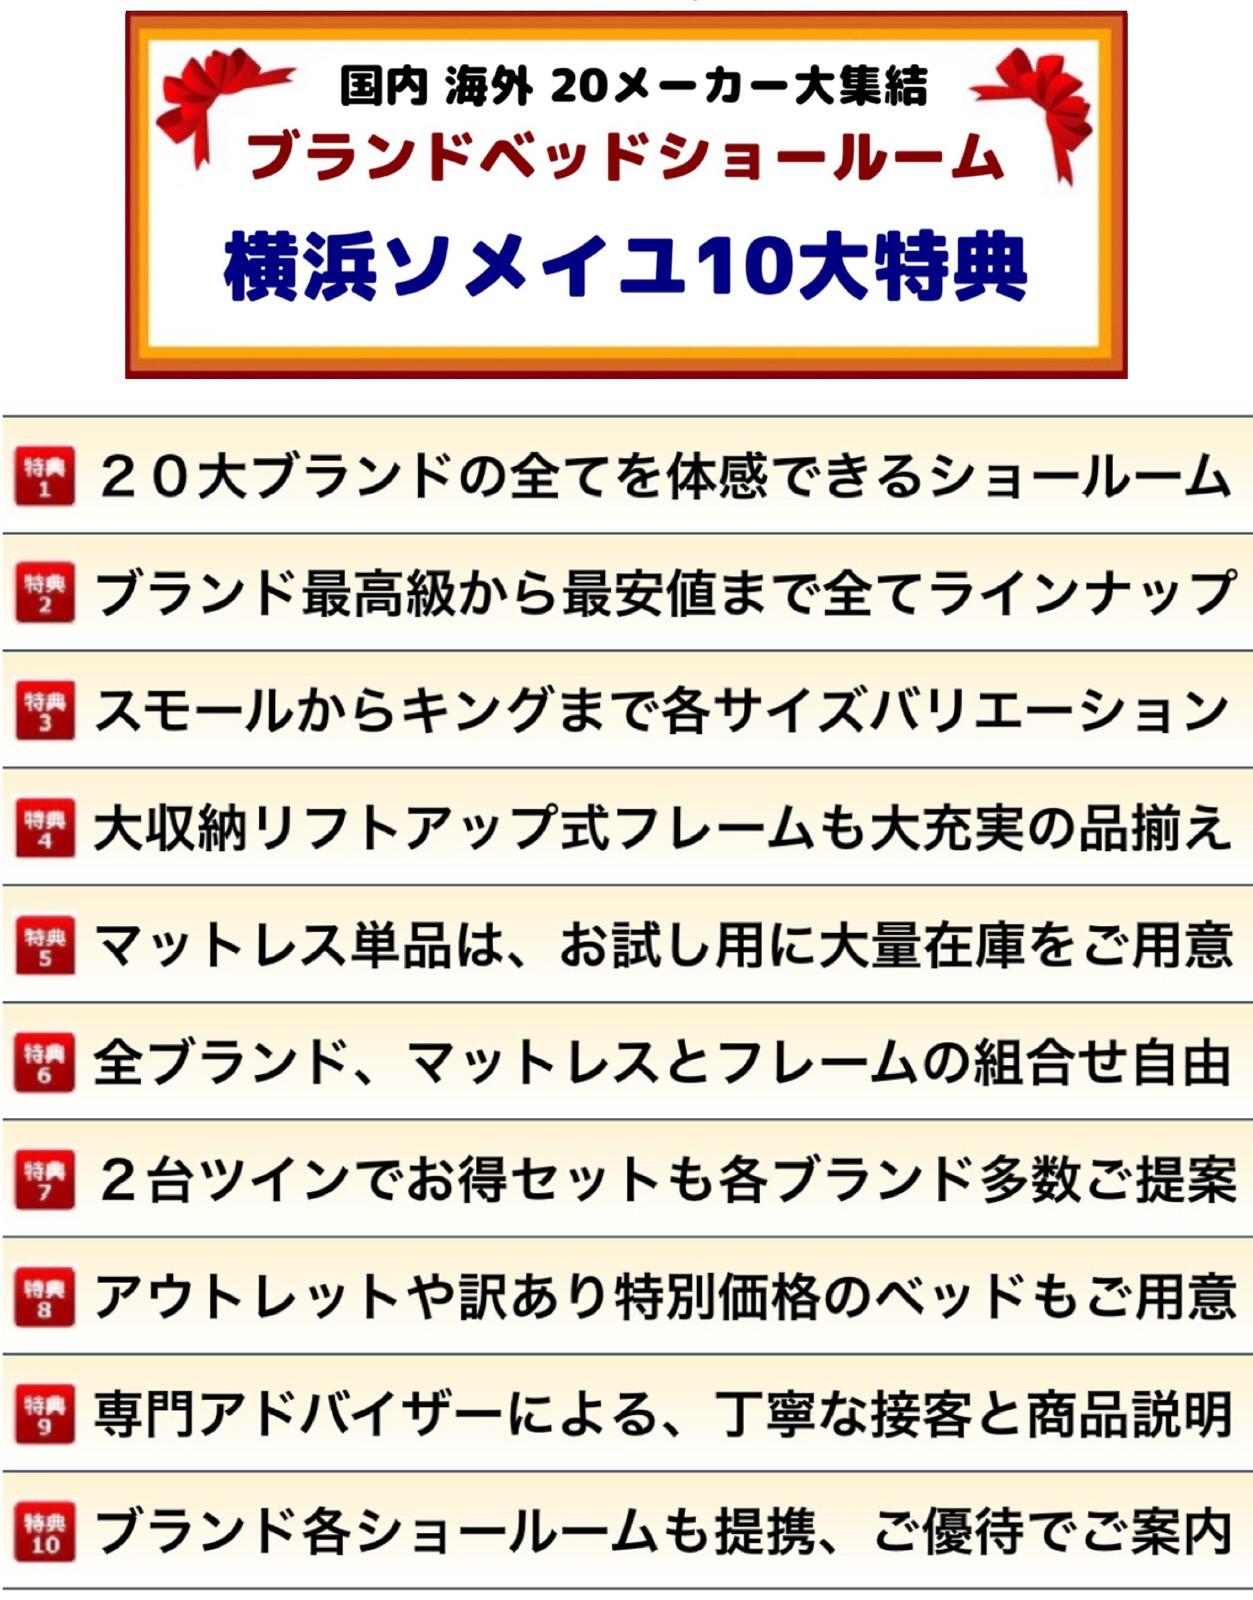 ソメイユ横浜10大メリット